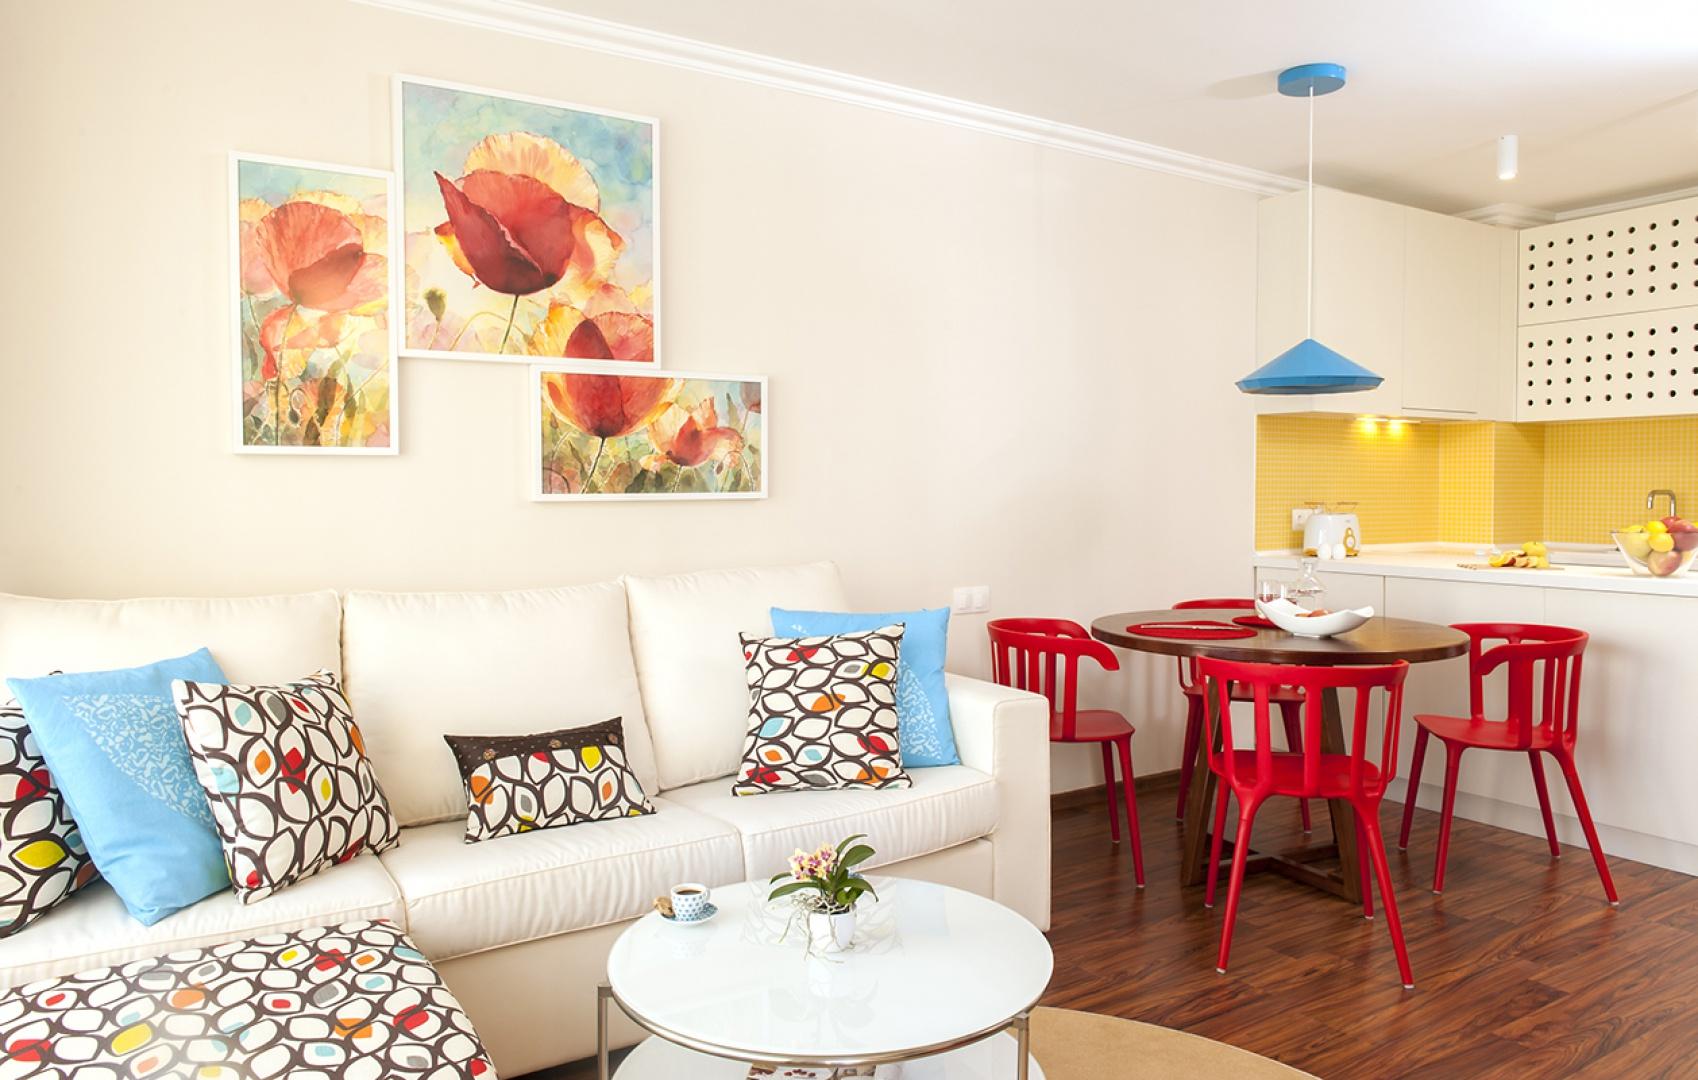 Jasne kolory optycznie powiększają wnętrze tego niewielkiego mieszkania. Barwne detale ożywiają aranżację i dodają zastrzyku energii. Projekt: Antonia Saranedelcheva. Fot. Yana Blazeva.